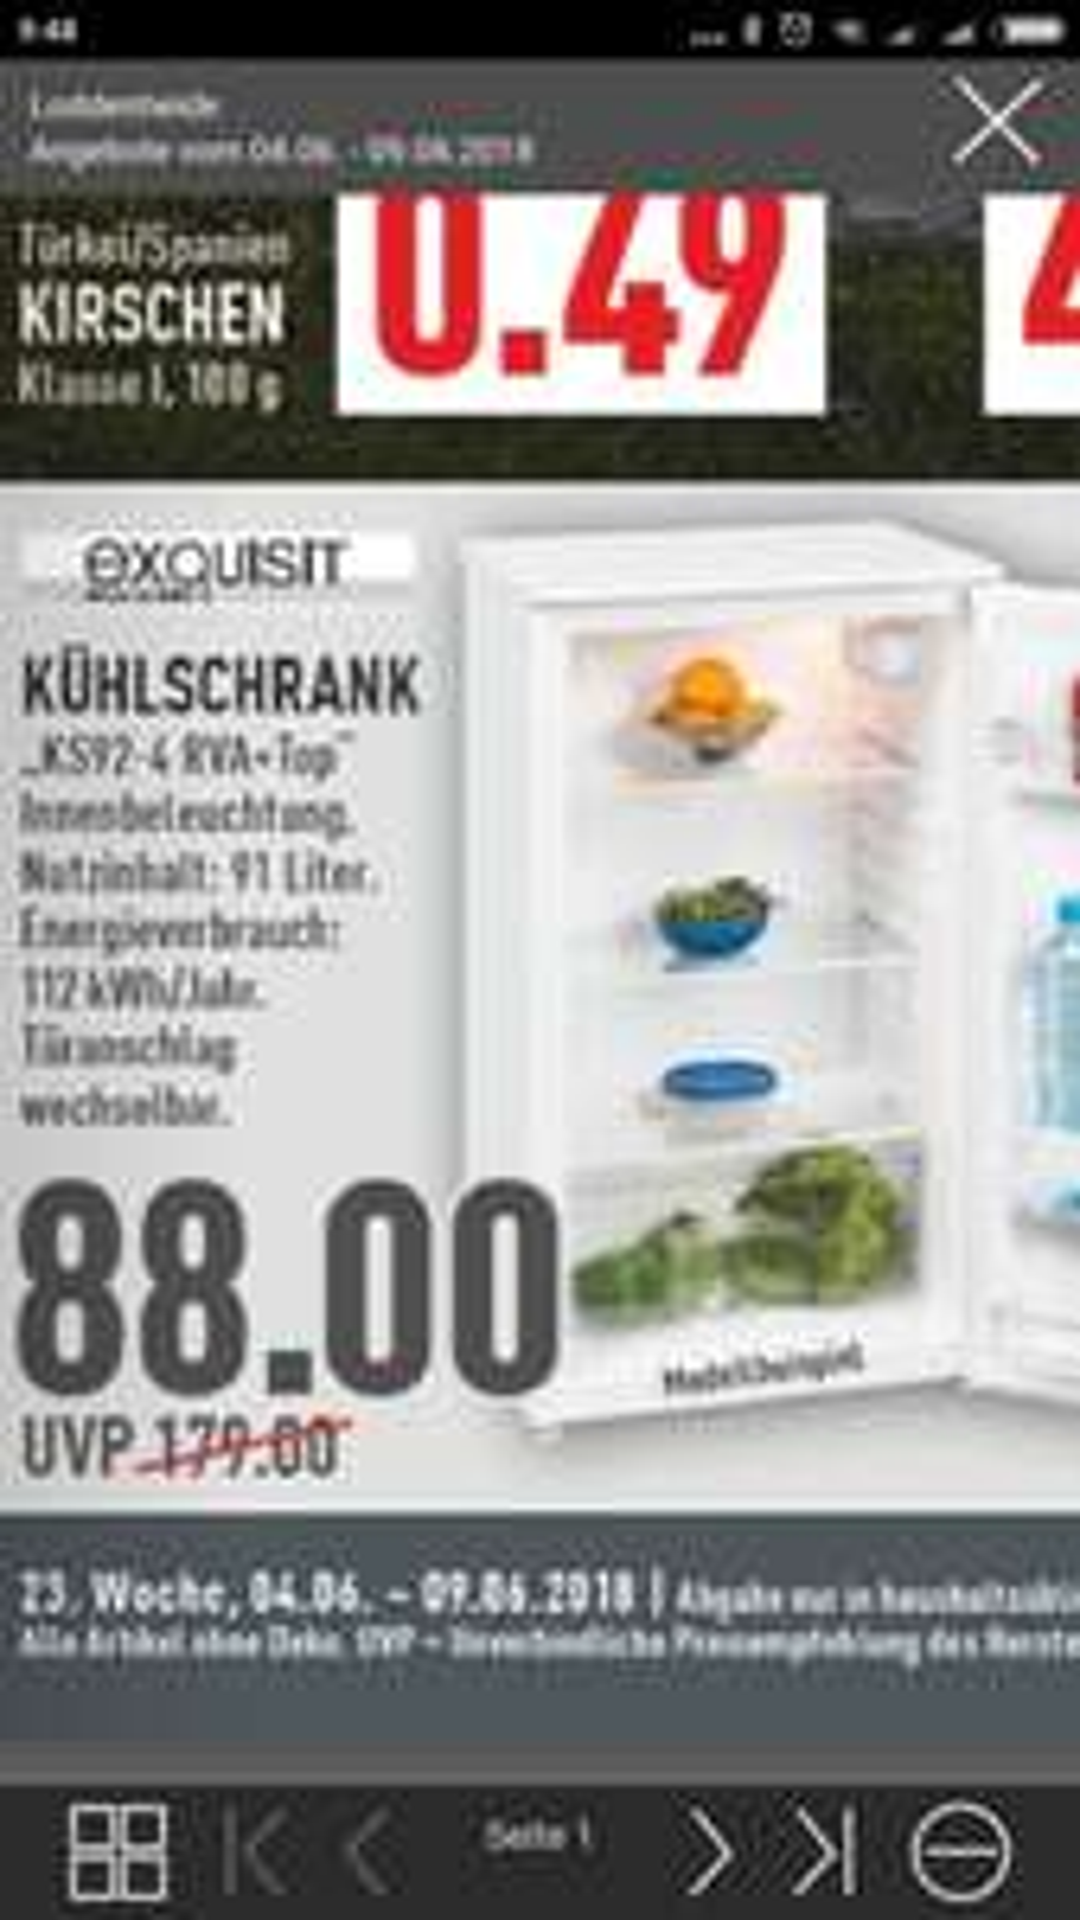 Getränke Kühlschrank zur WM Marktkauf